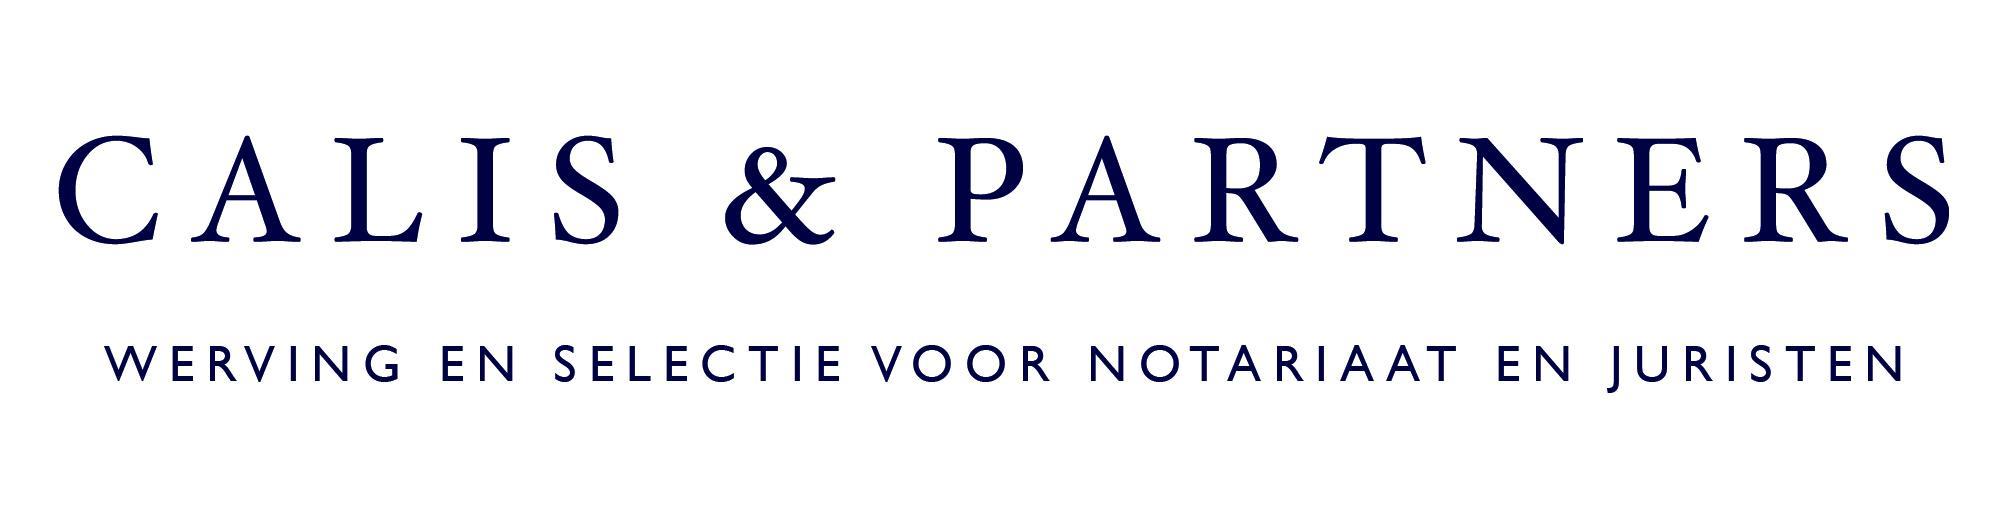 ** Notarieel medewerker familierecht in 't Gooi**